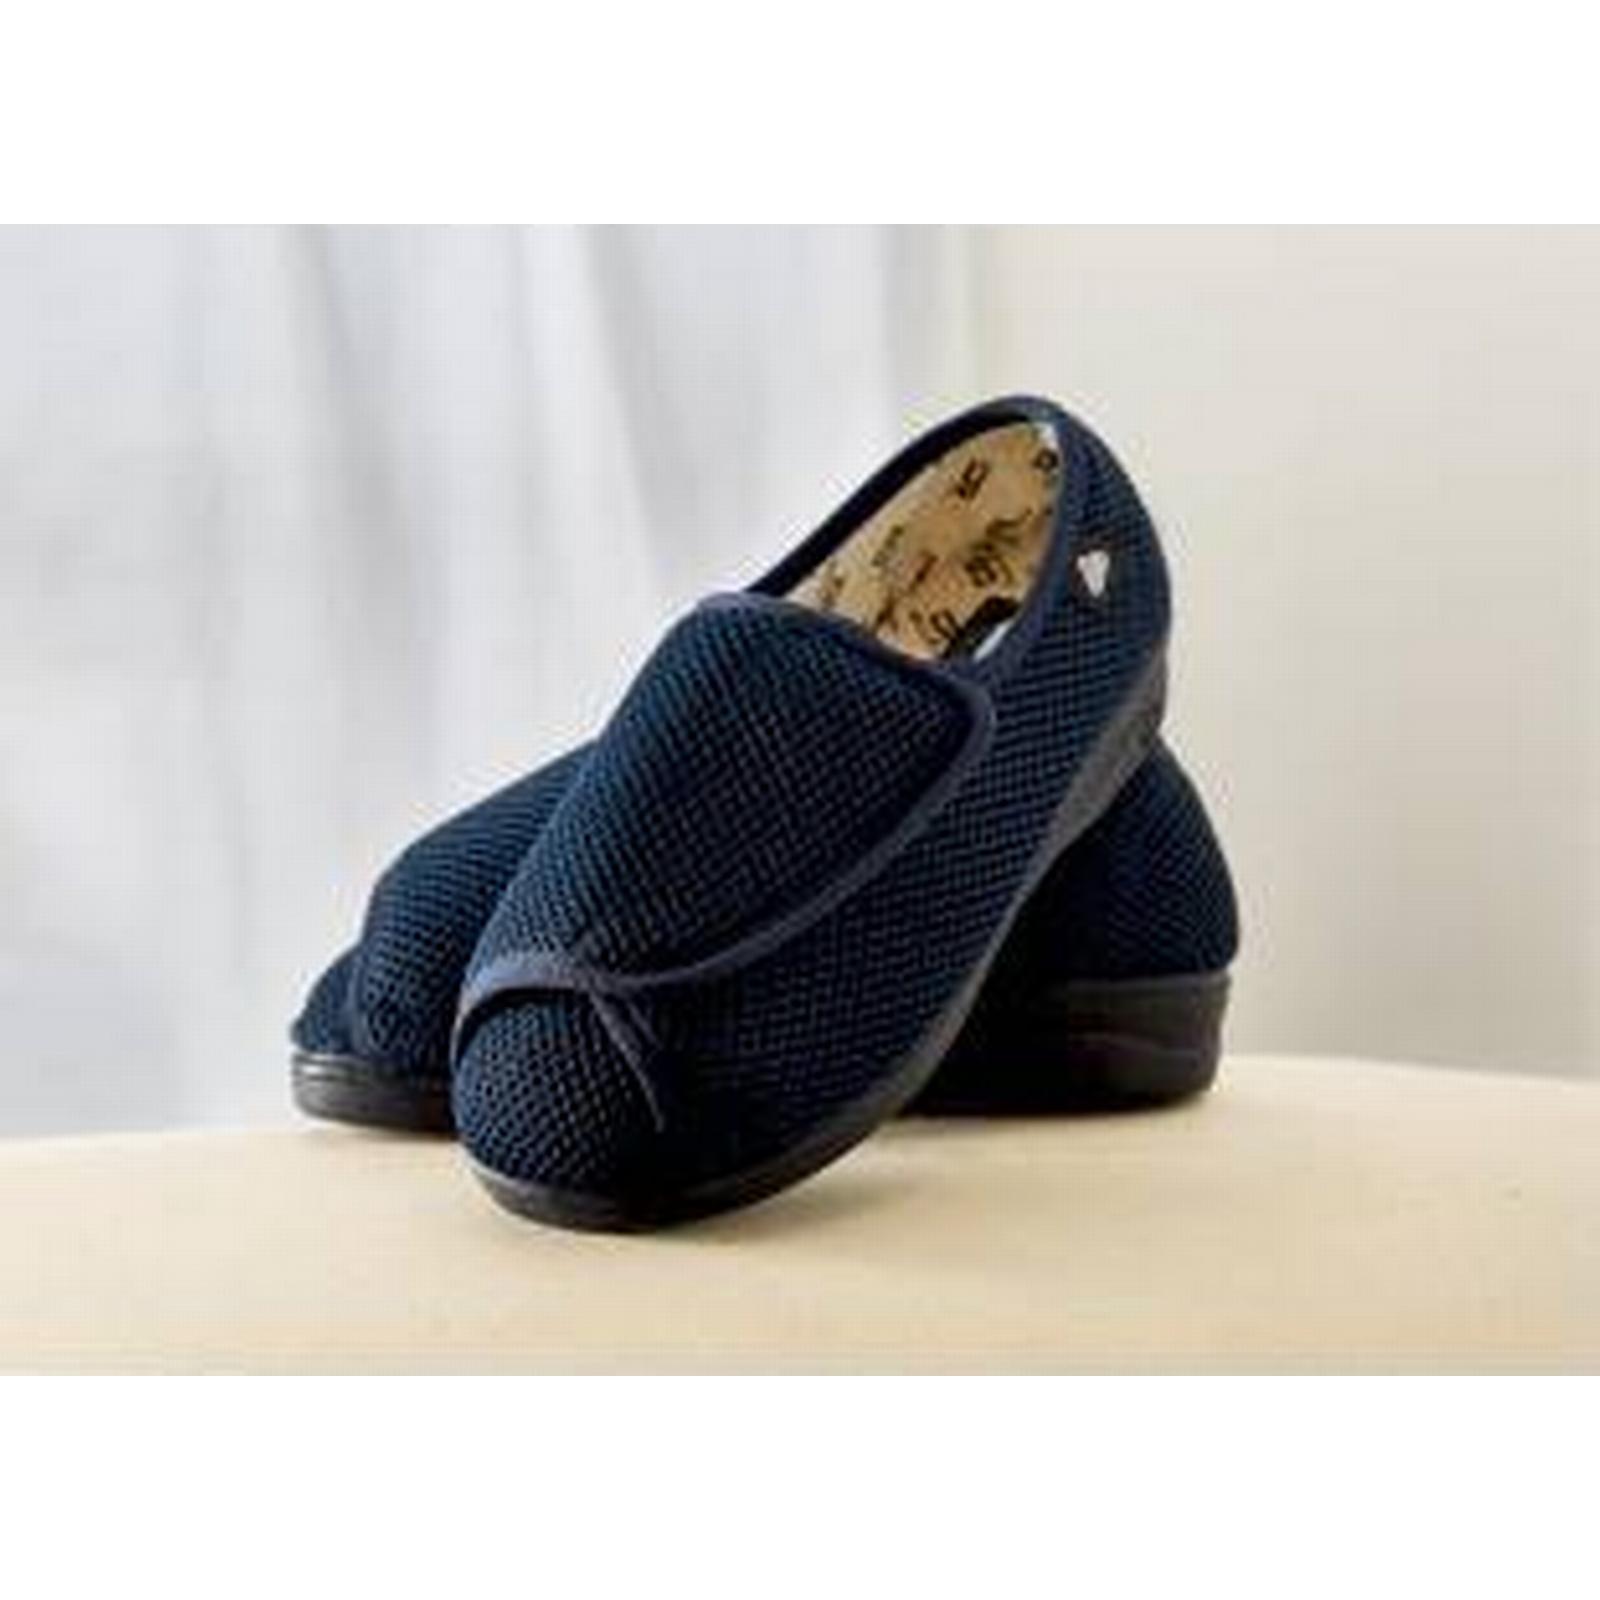 Scotts of Stow Celia Shoe 300 Shoe Celia NAVY/3 b3f30e